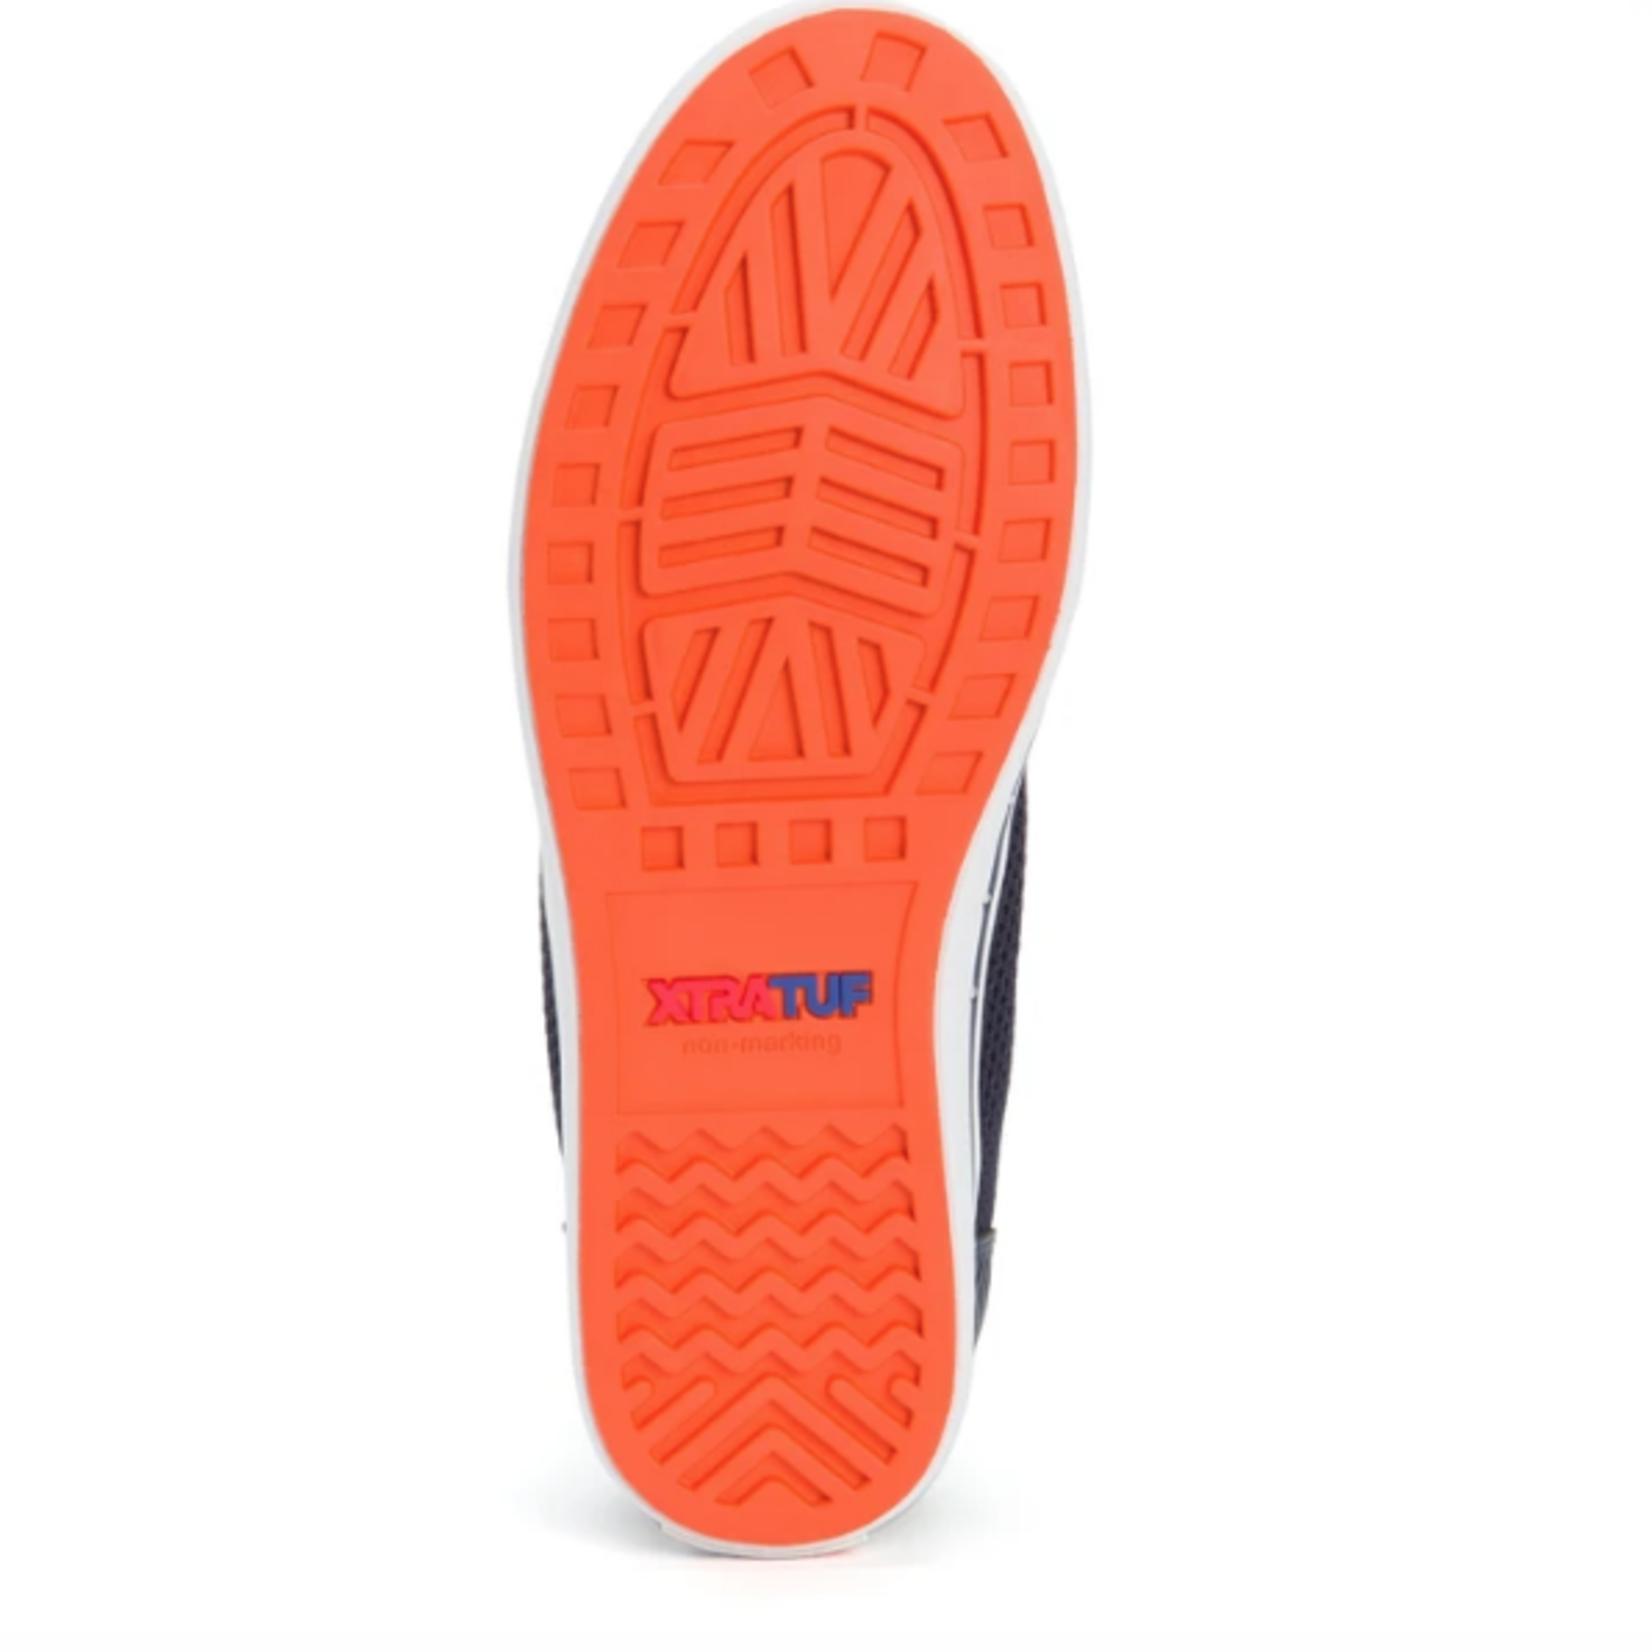 XTRATUF XTRATUF Men's Riptide Shoe